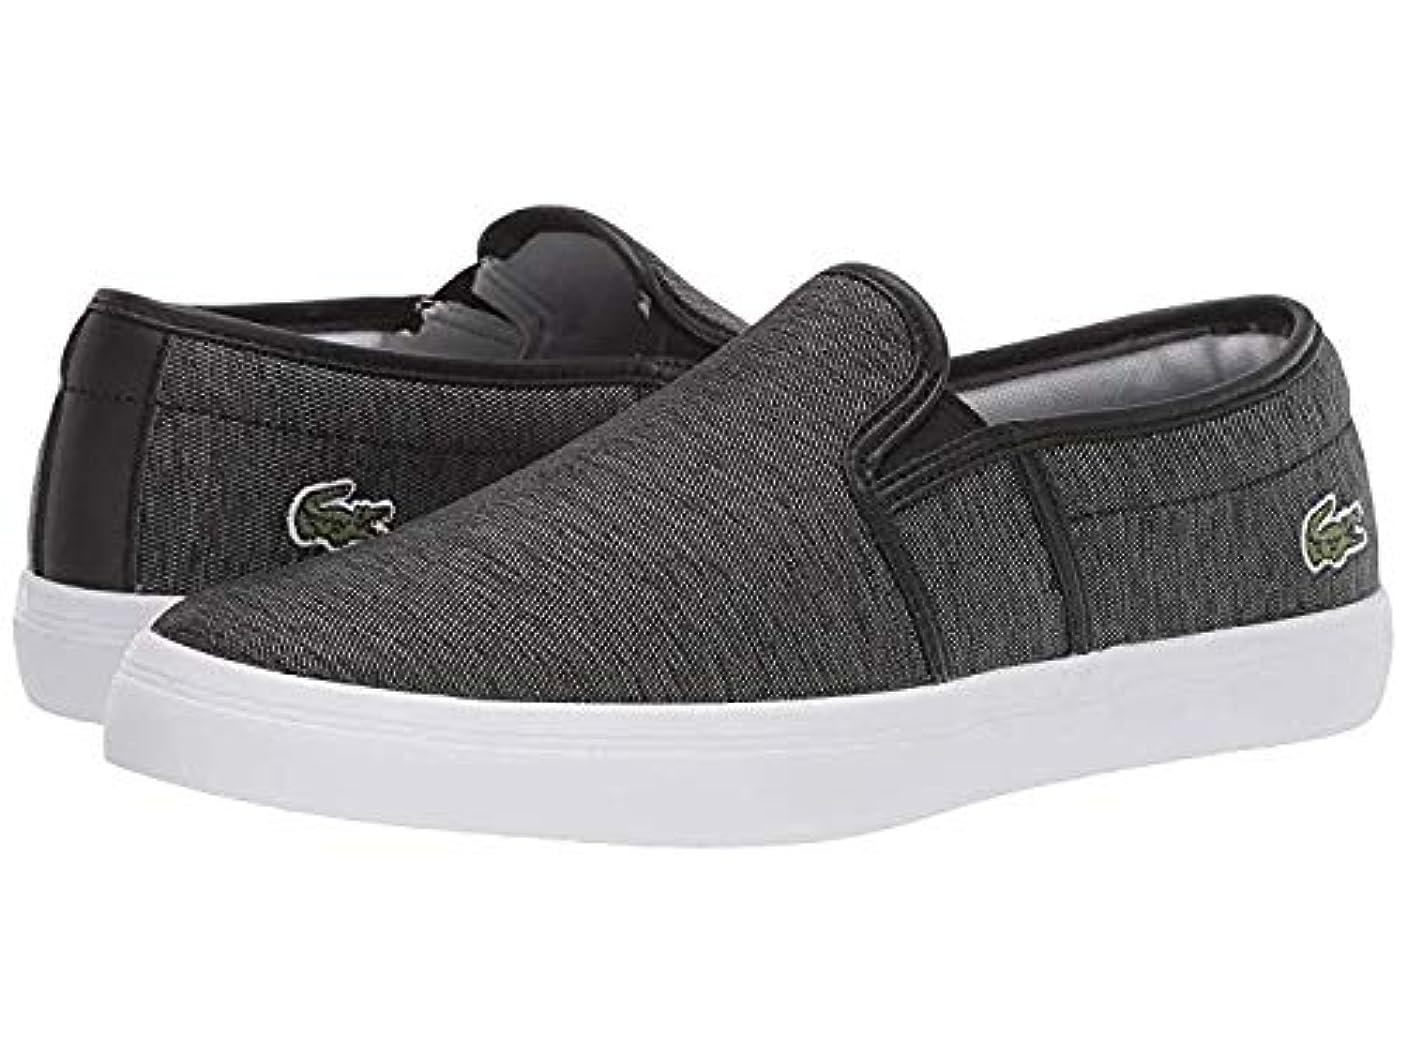 [ラコステ] レディーススニーカー?靴?シューズ Tatalya 319 1 P CFA Black/White US 9 (26cm) M [並行輸入品]